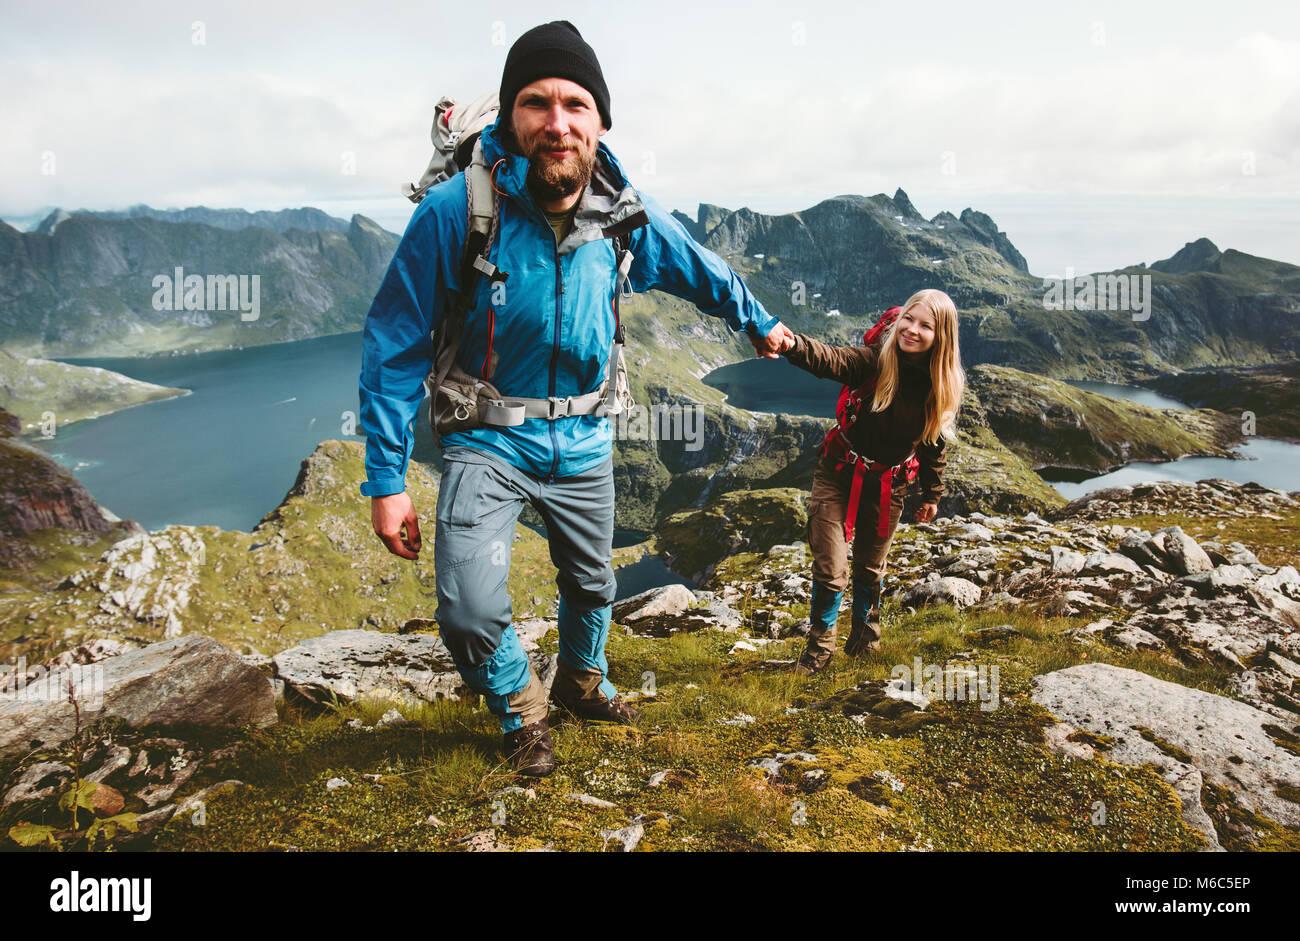 Coppia felice escursionismo in Norvegia montagne amore e viaggi holding hands l uomo e la donna insieme il concetto Immagini Stock